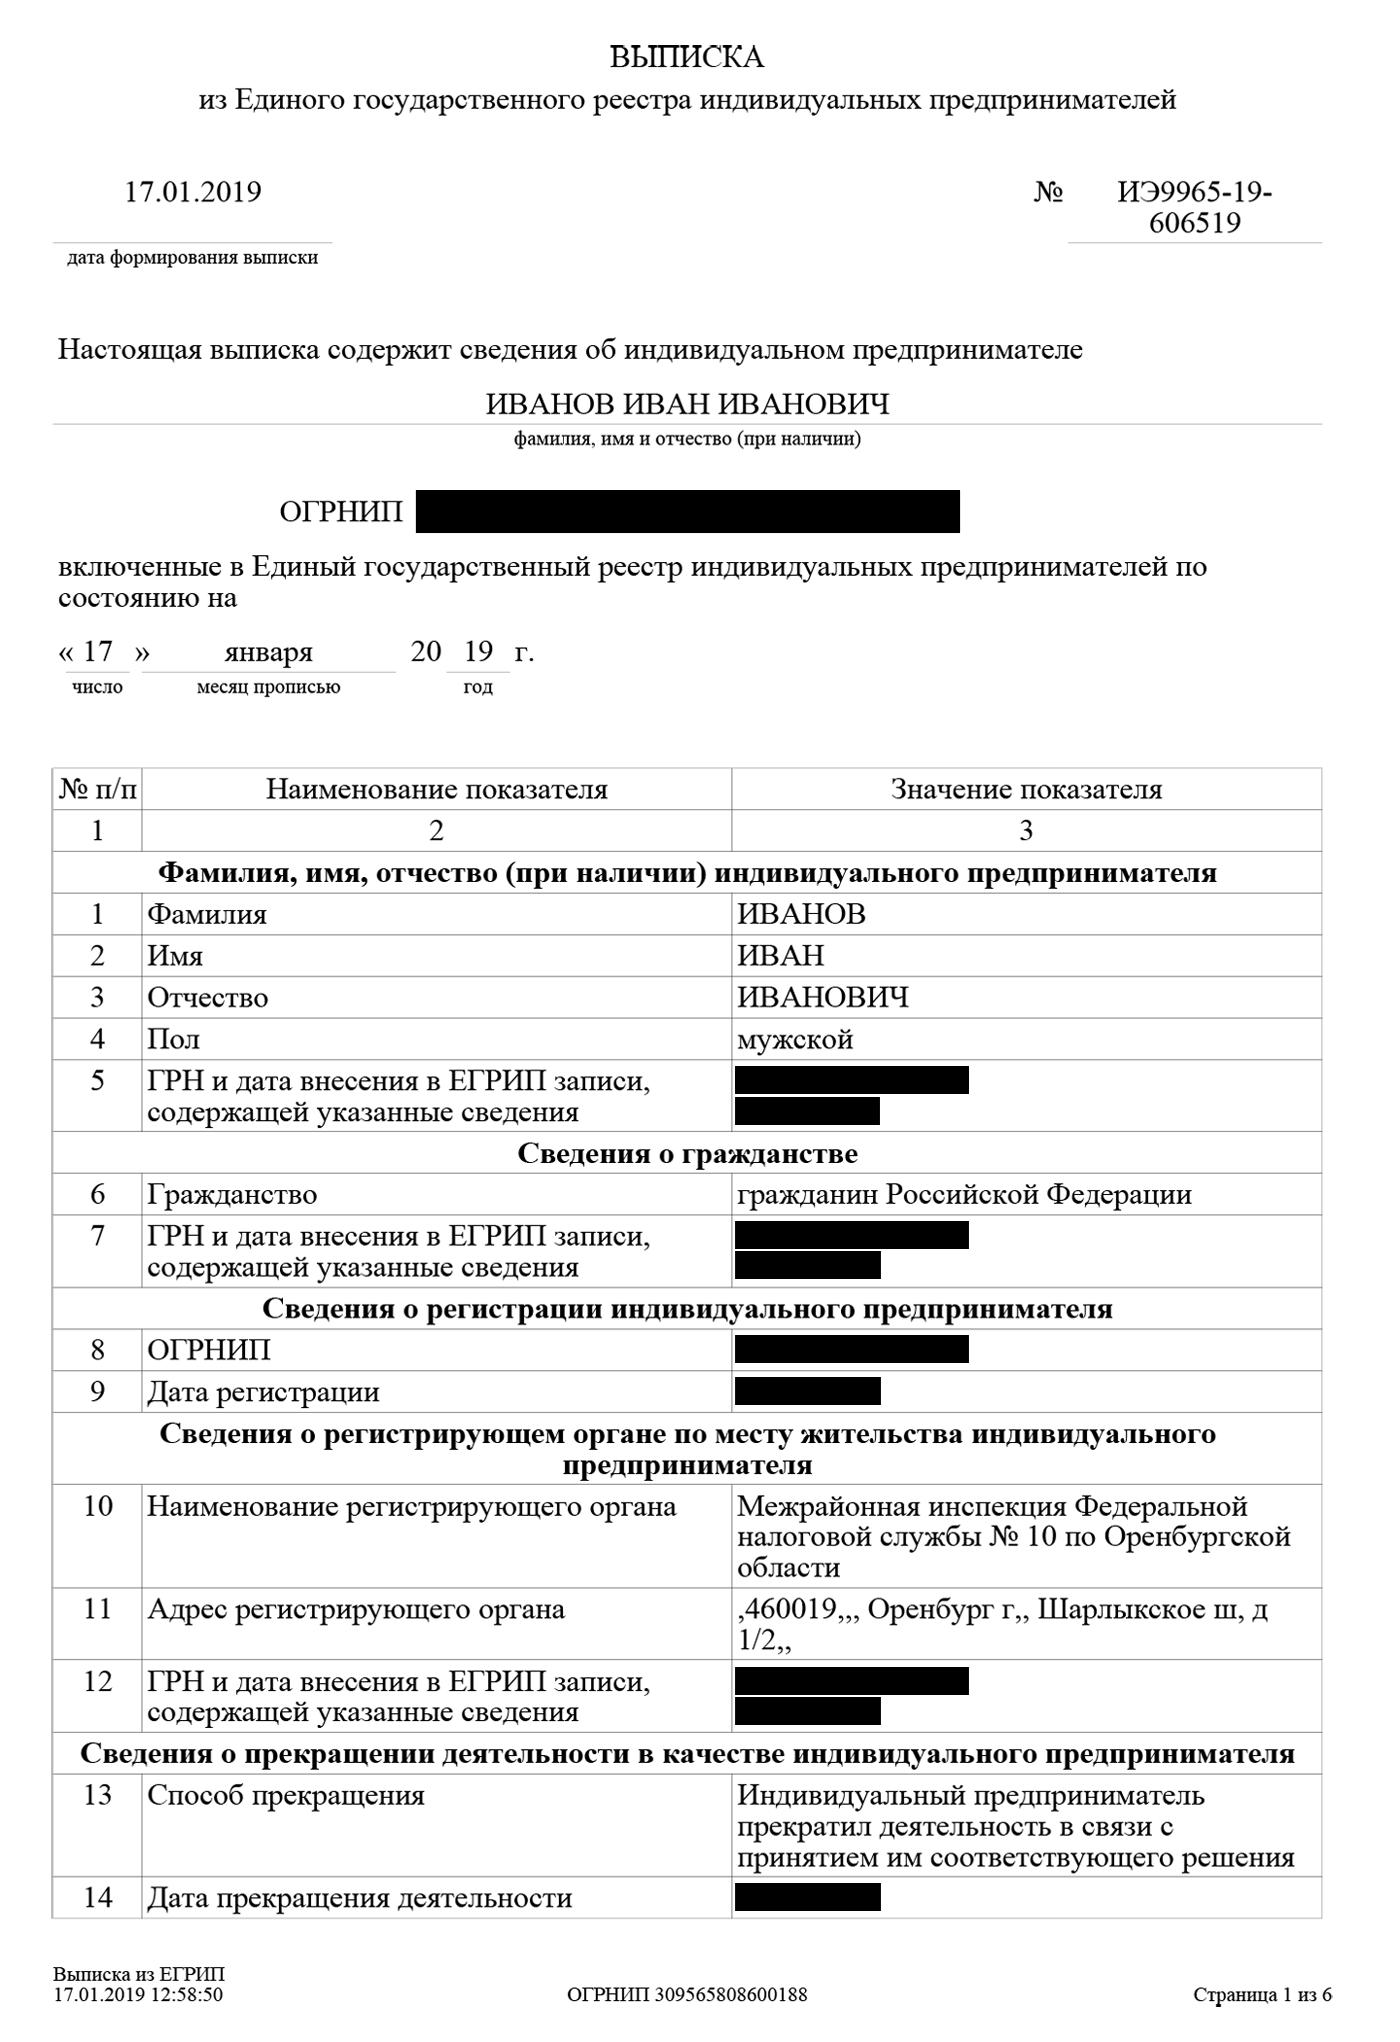 Как продлить временную регистрацию иностранному гражданину